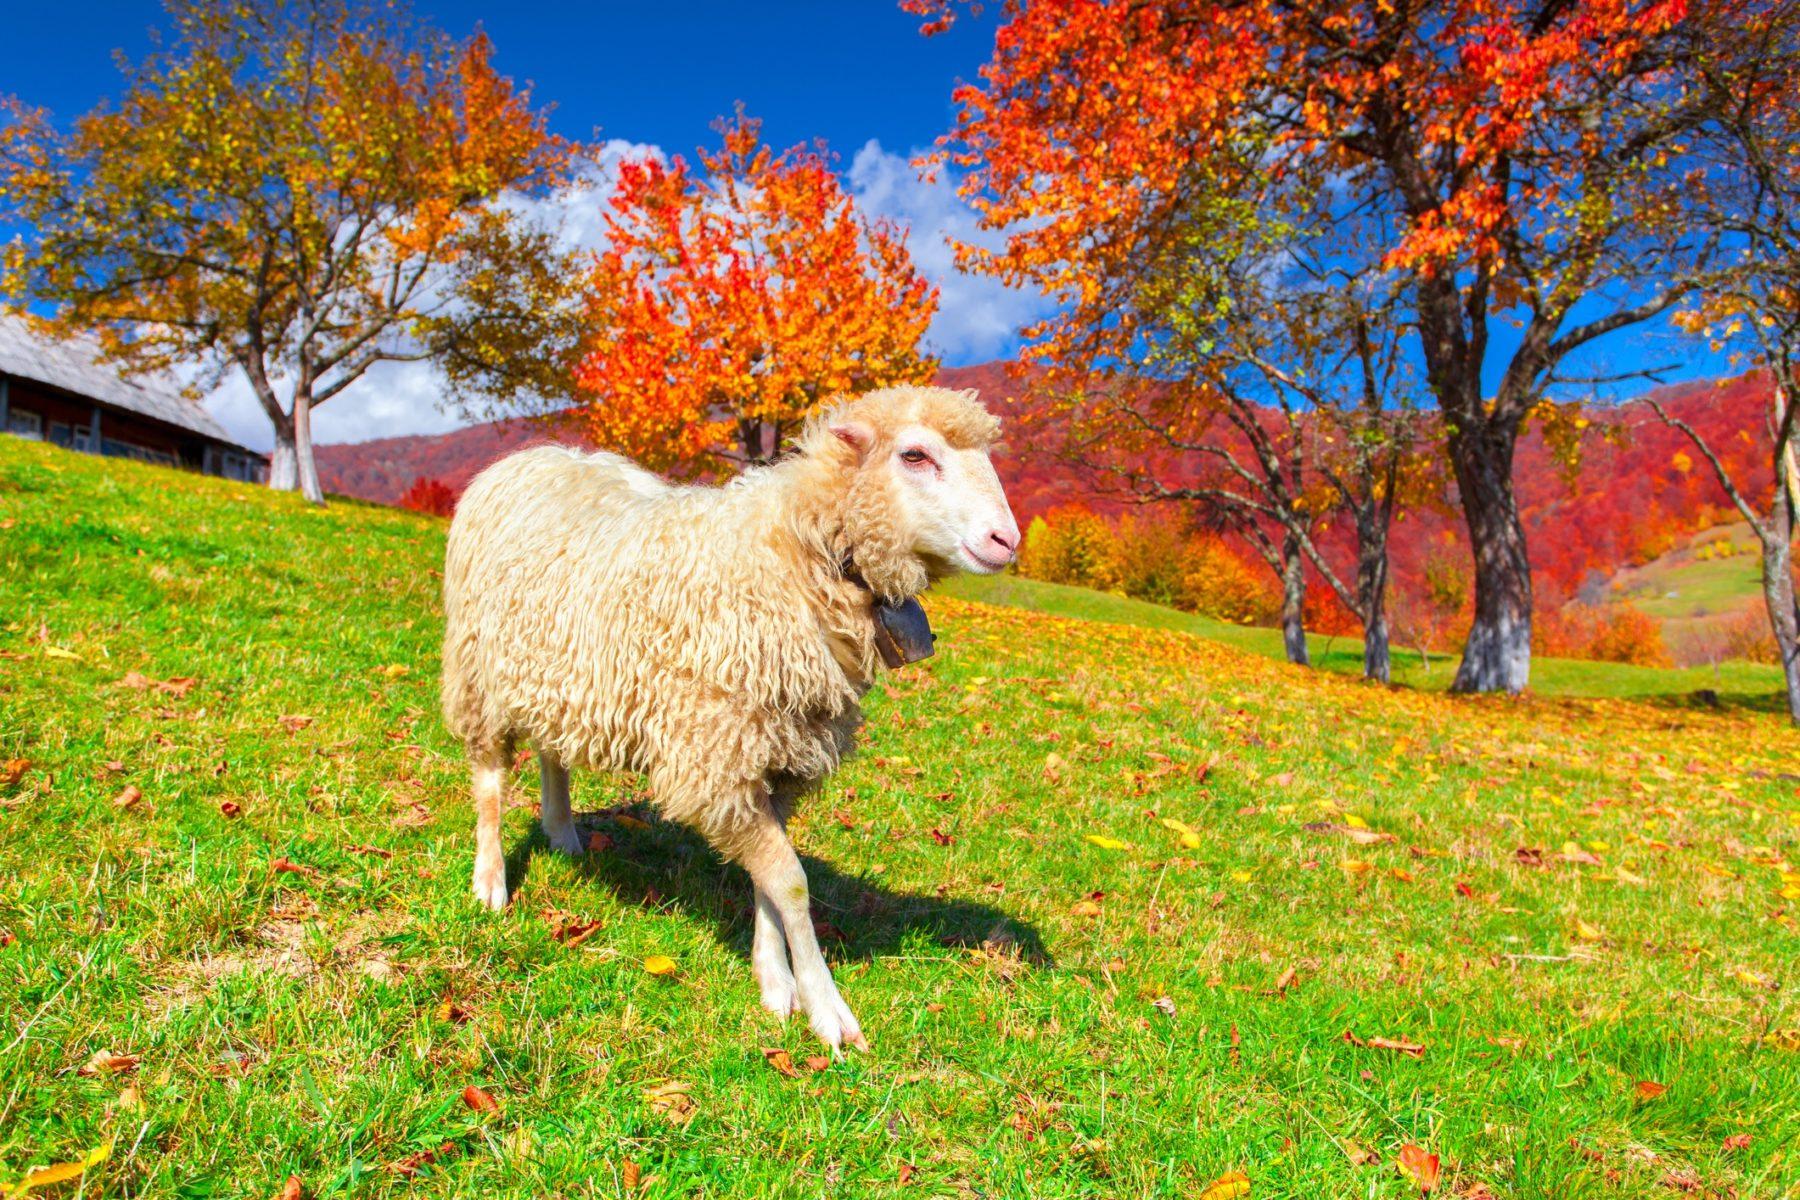 Image d'illustration : Un mouton dans une prairie avec des couleurs d'automne